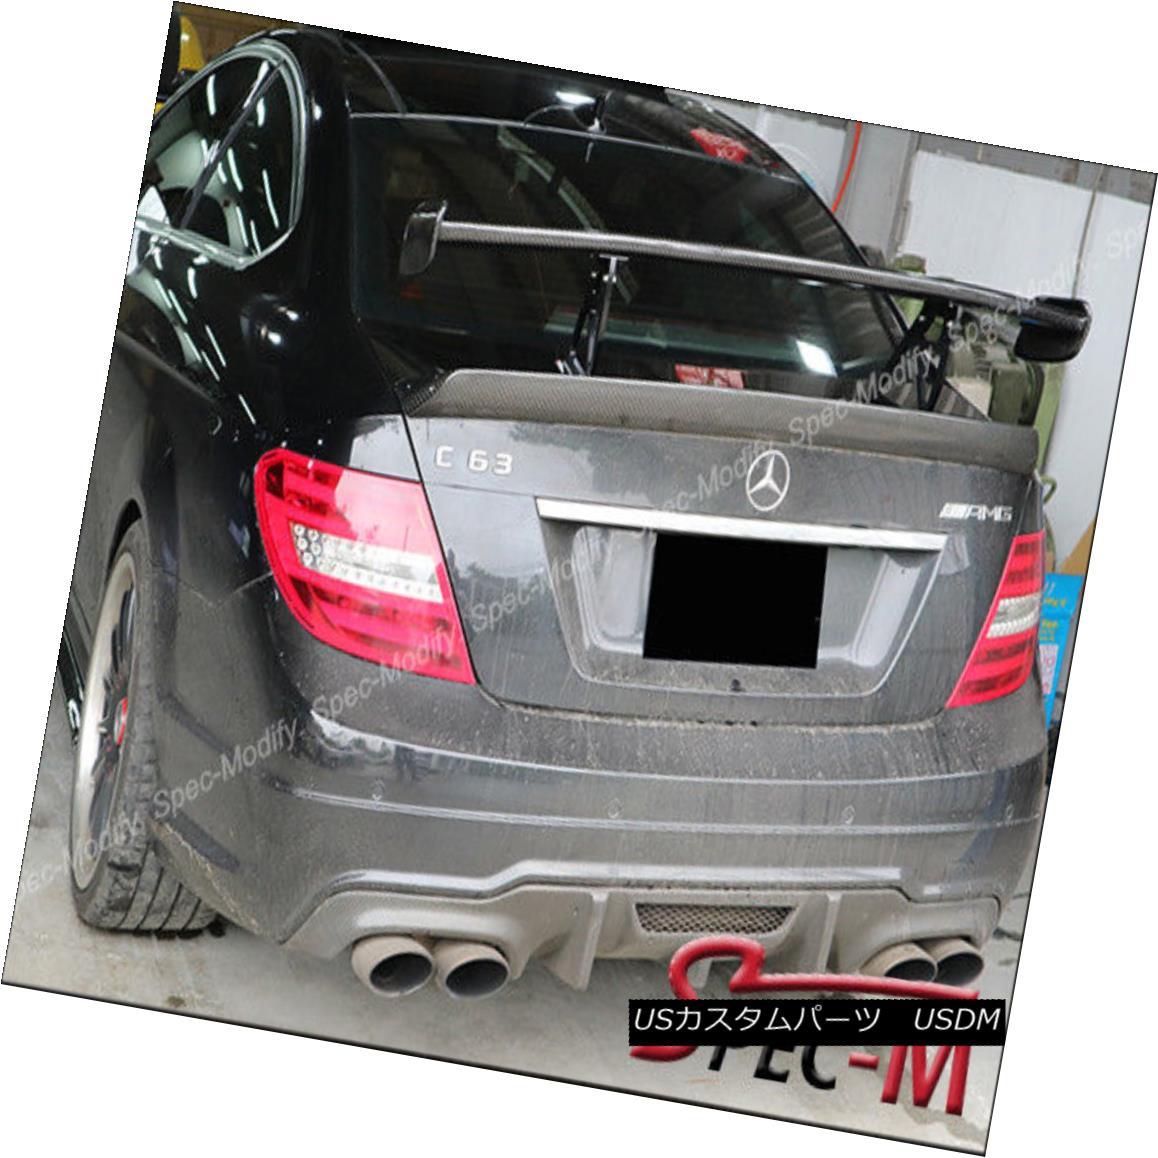 エアロパーツ 2012-2015 C204 C63 AMG COUPE Black Series Style Carbon Fiber Trunk Spoiler Wing 2012-2015 C204 C63 AMG COUPEブラックシリーズスタイルカーボンファイバートランク・スポイラー・ウィング